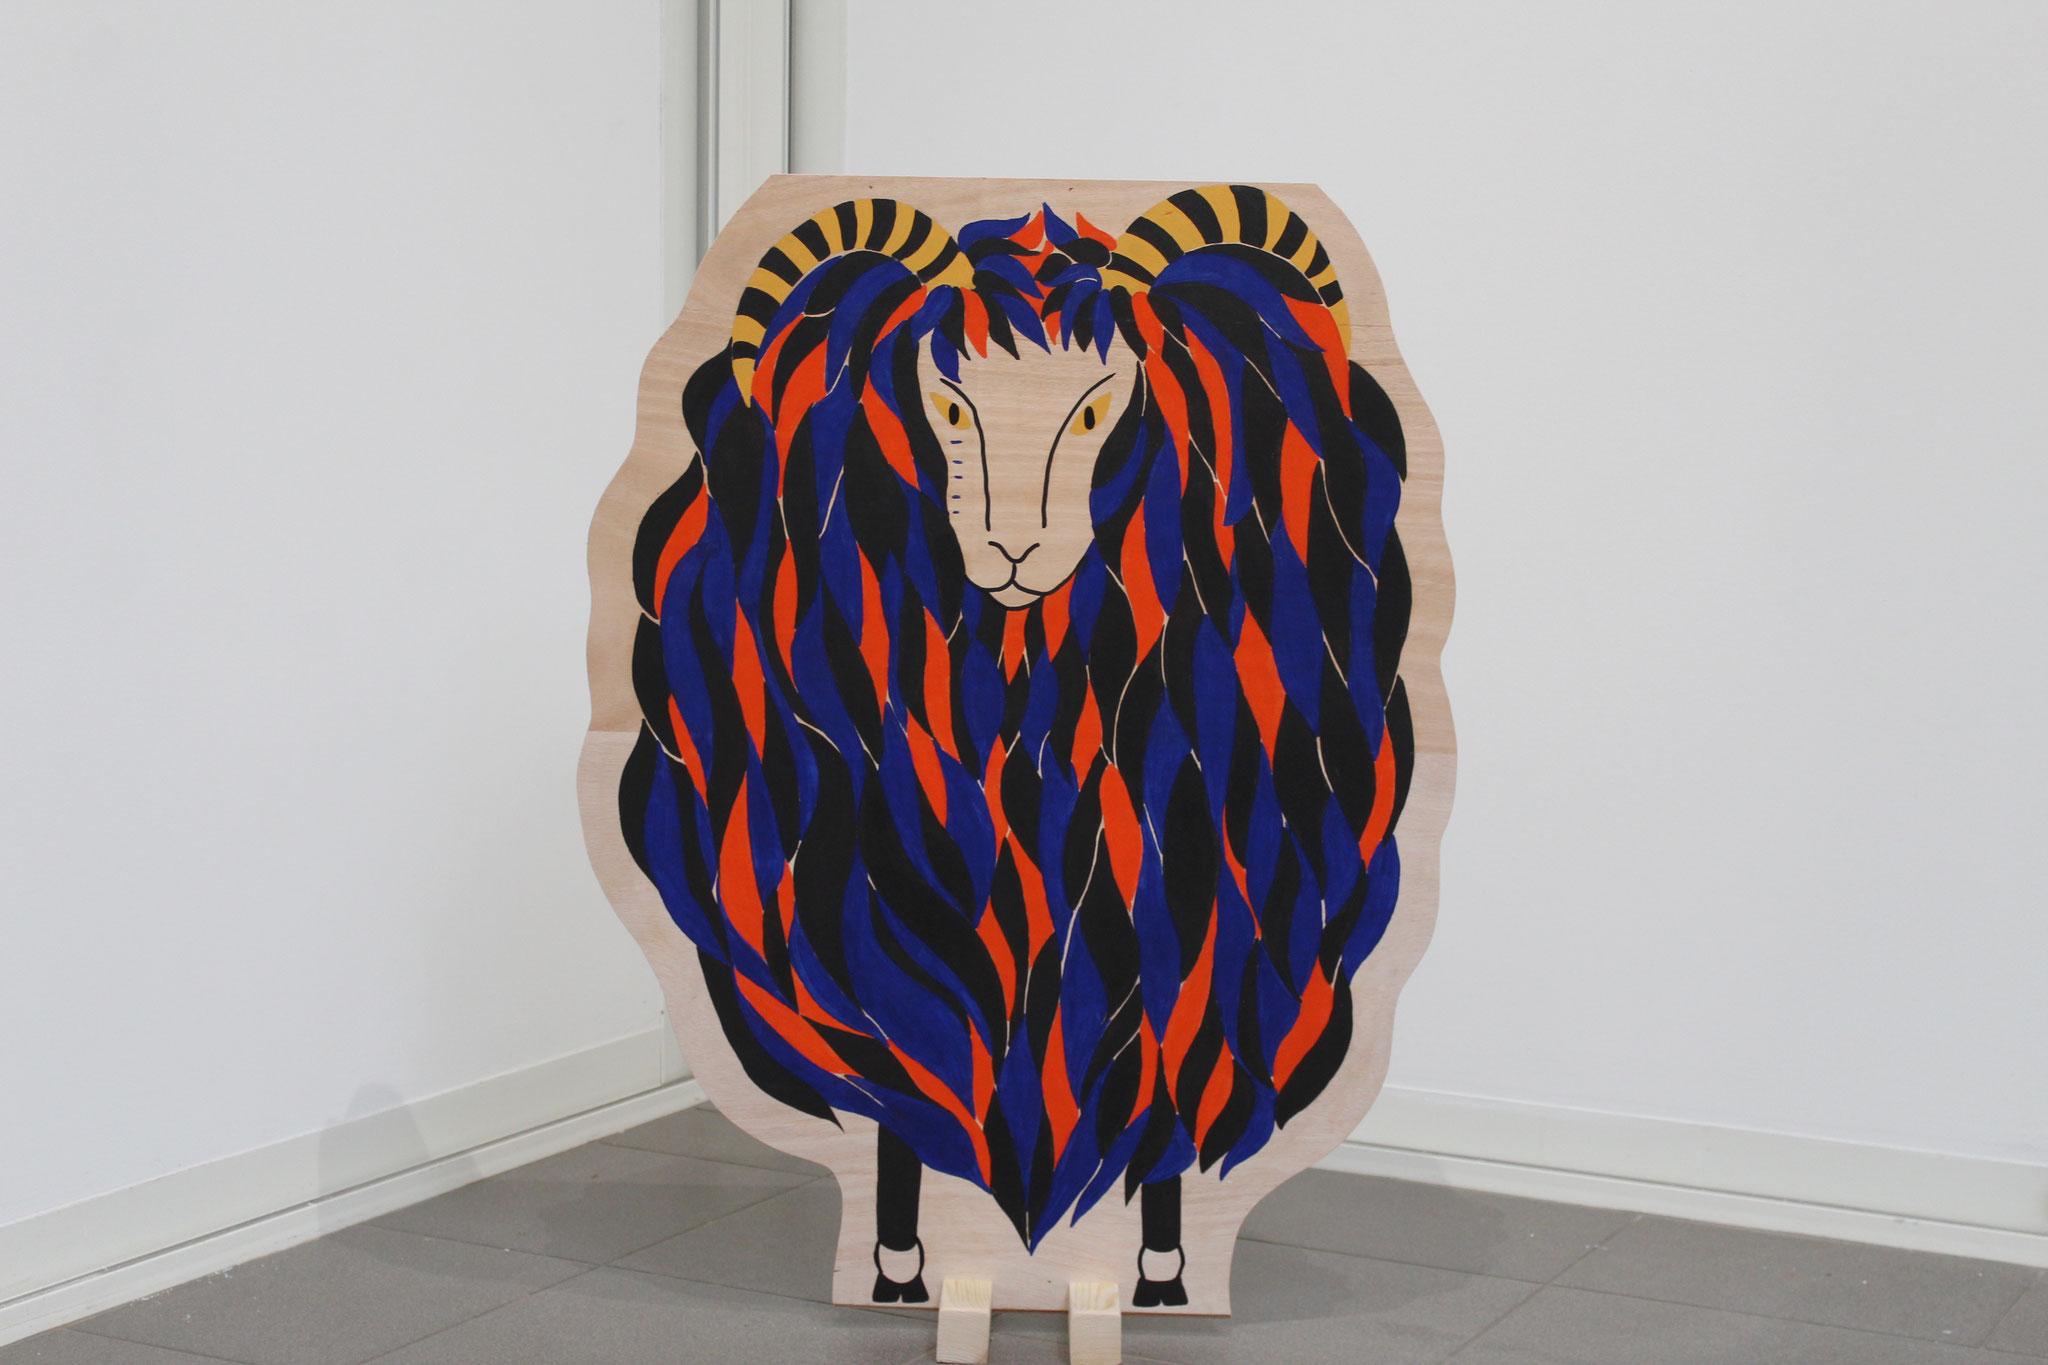 La Bête de Brielles, peinture naturelle sur bois, 101 x 77 cm